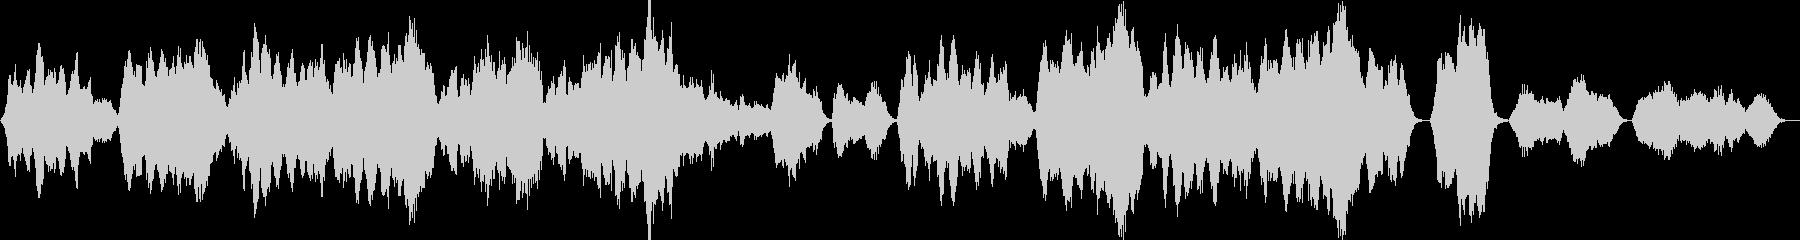 アンダンテ・カンタービレの未再生の波形